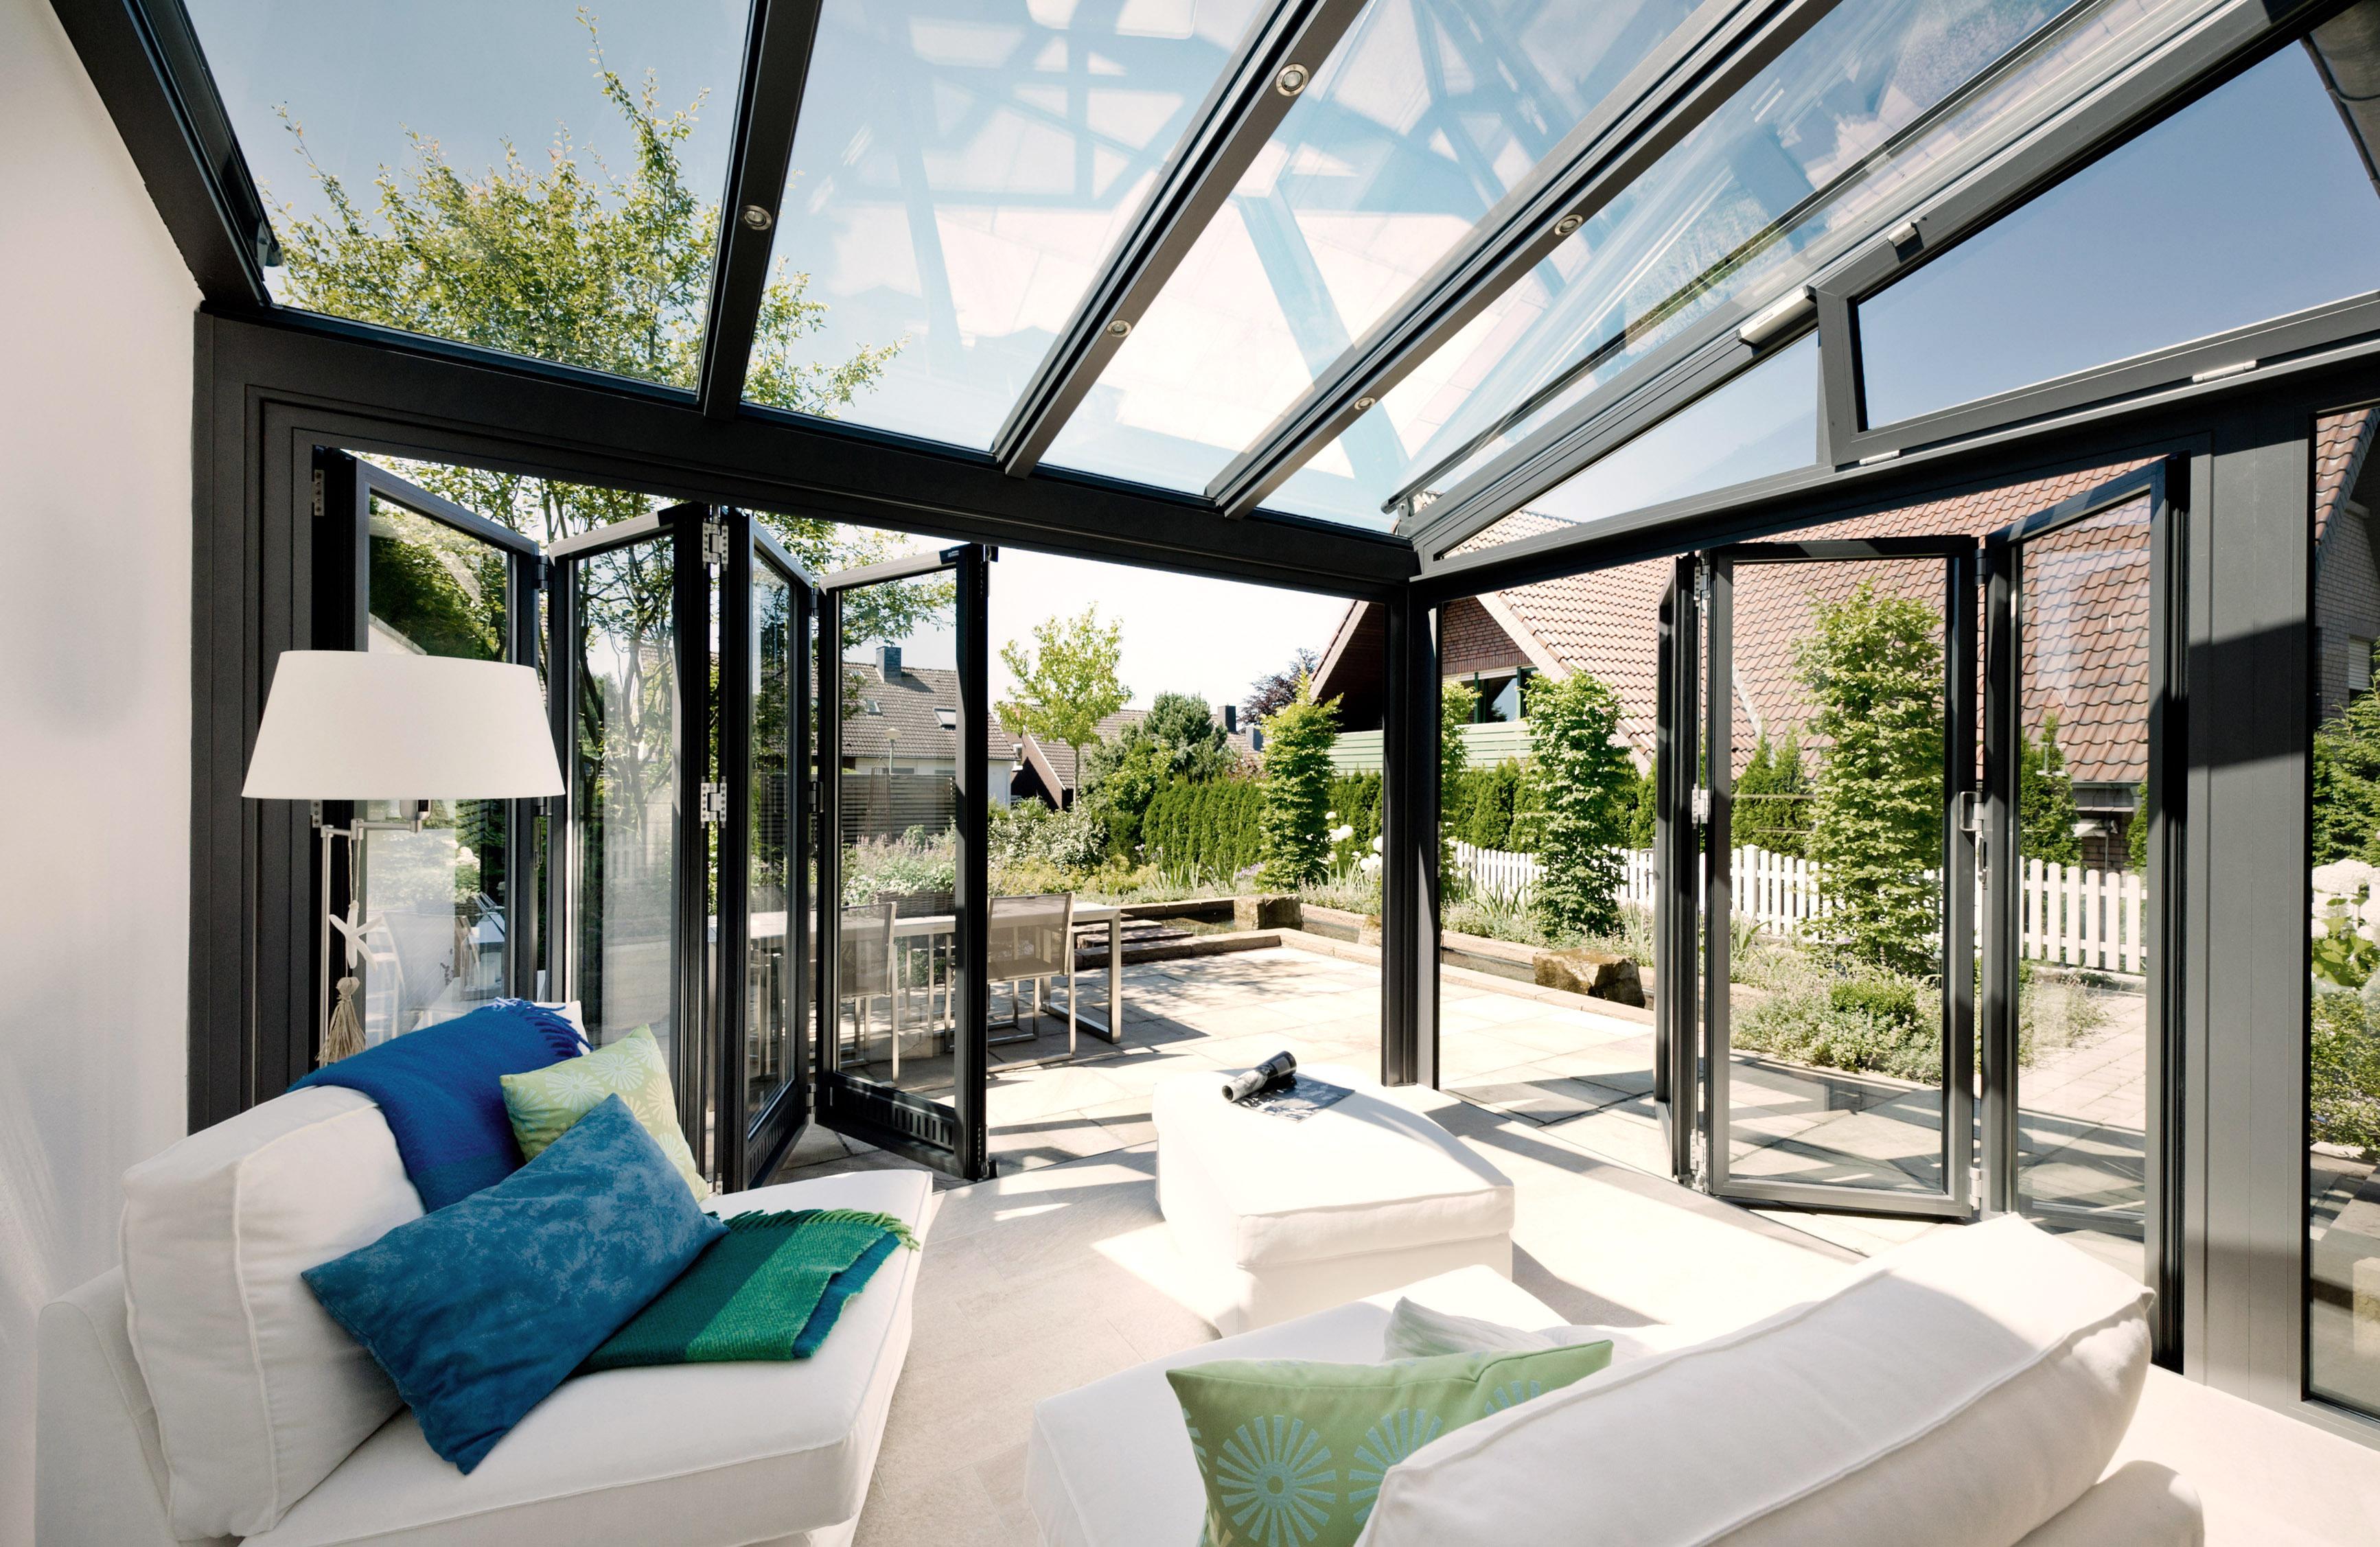 Falttüren Wintergarten solarlux wintergärten falttüren schiebetüren raumausstatter